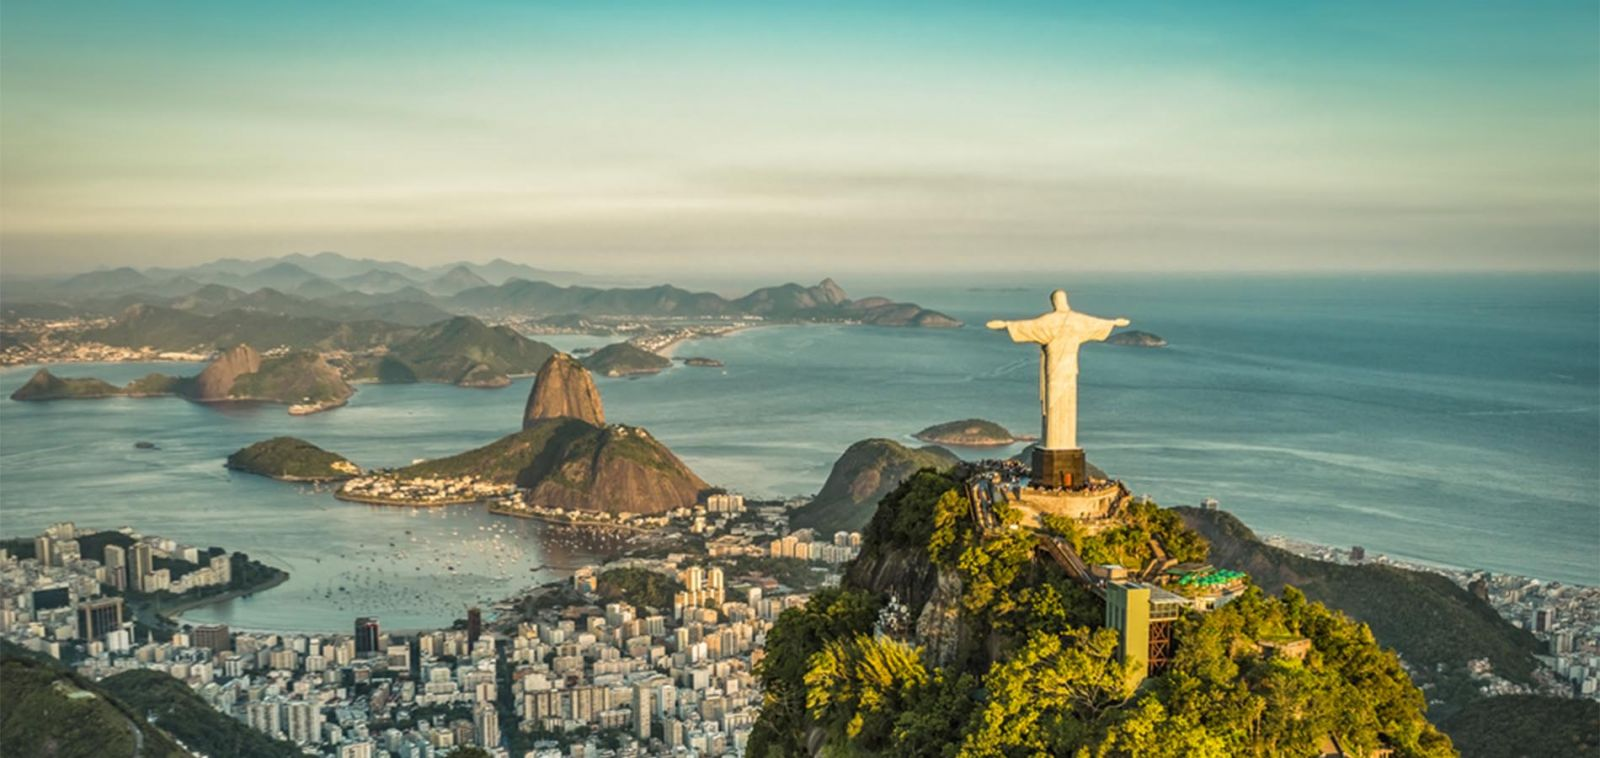 KHÁM PHÁ NỀN VĂN MINH NAM MỸ BRAZIL - PERU - ARGENTINA